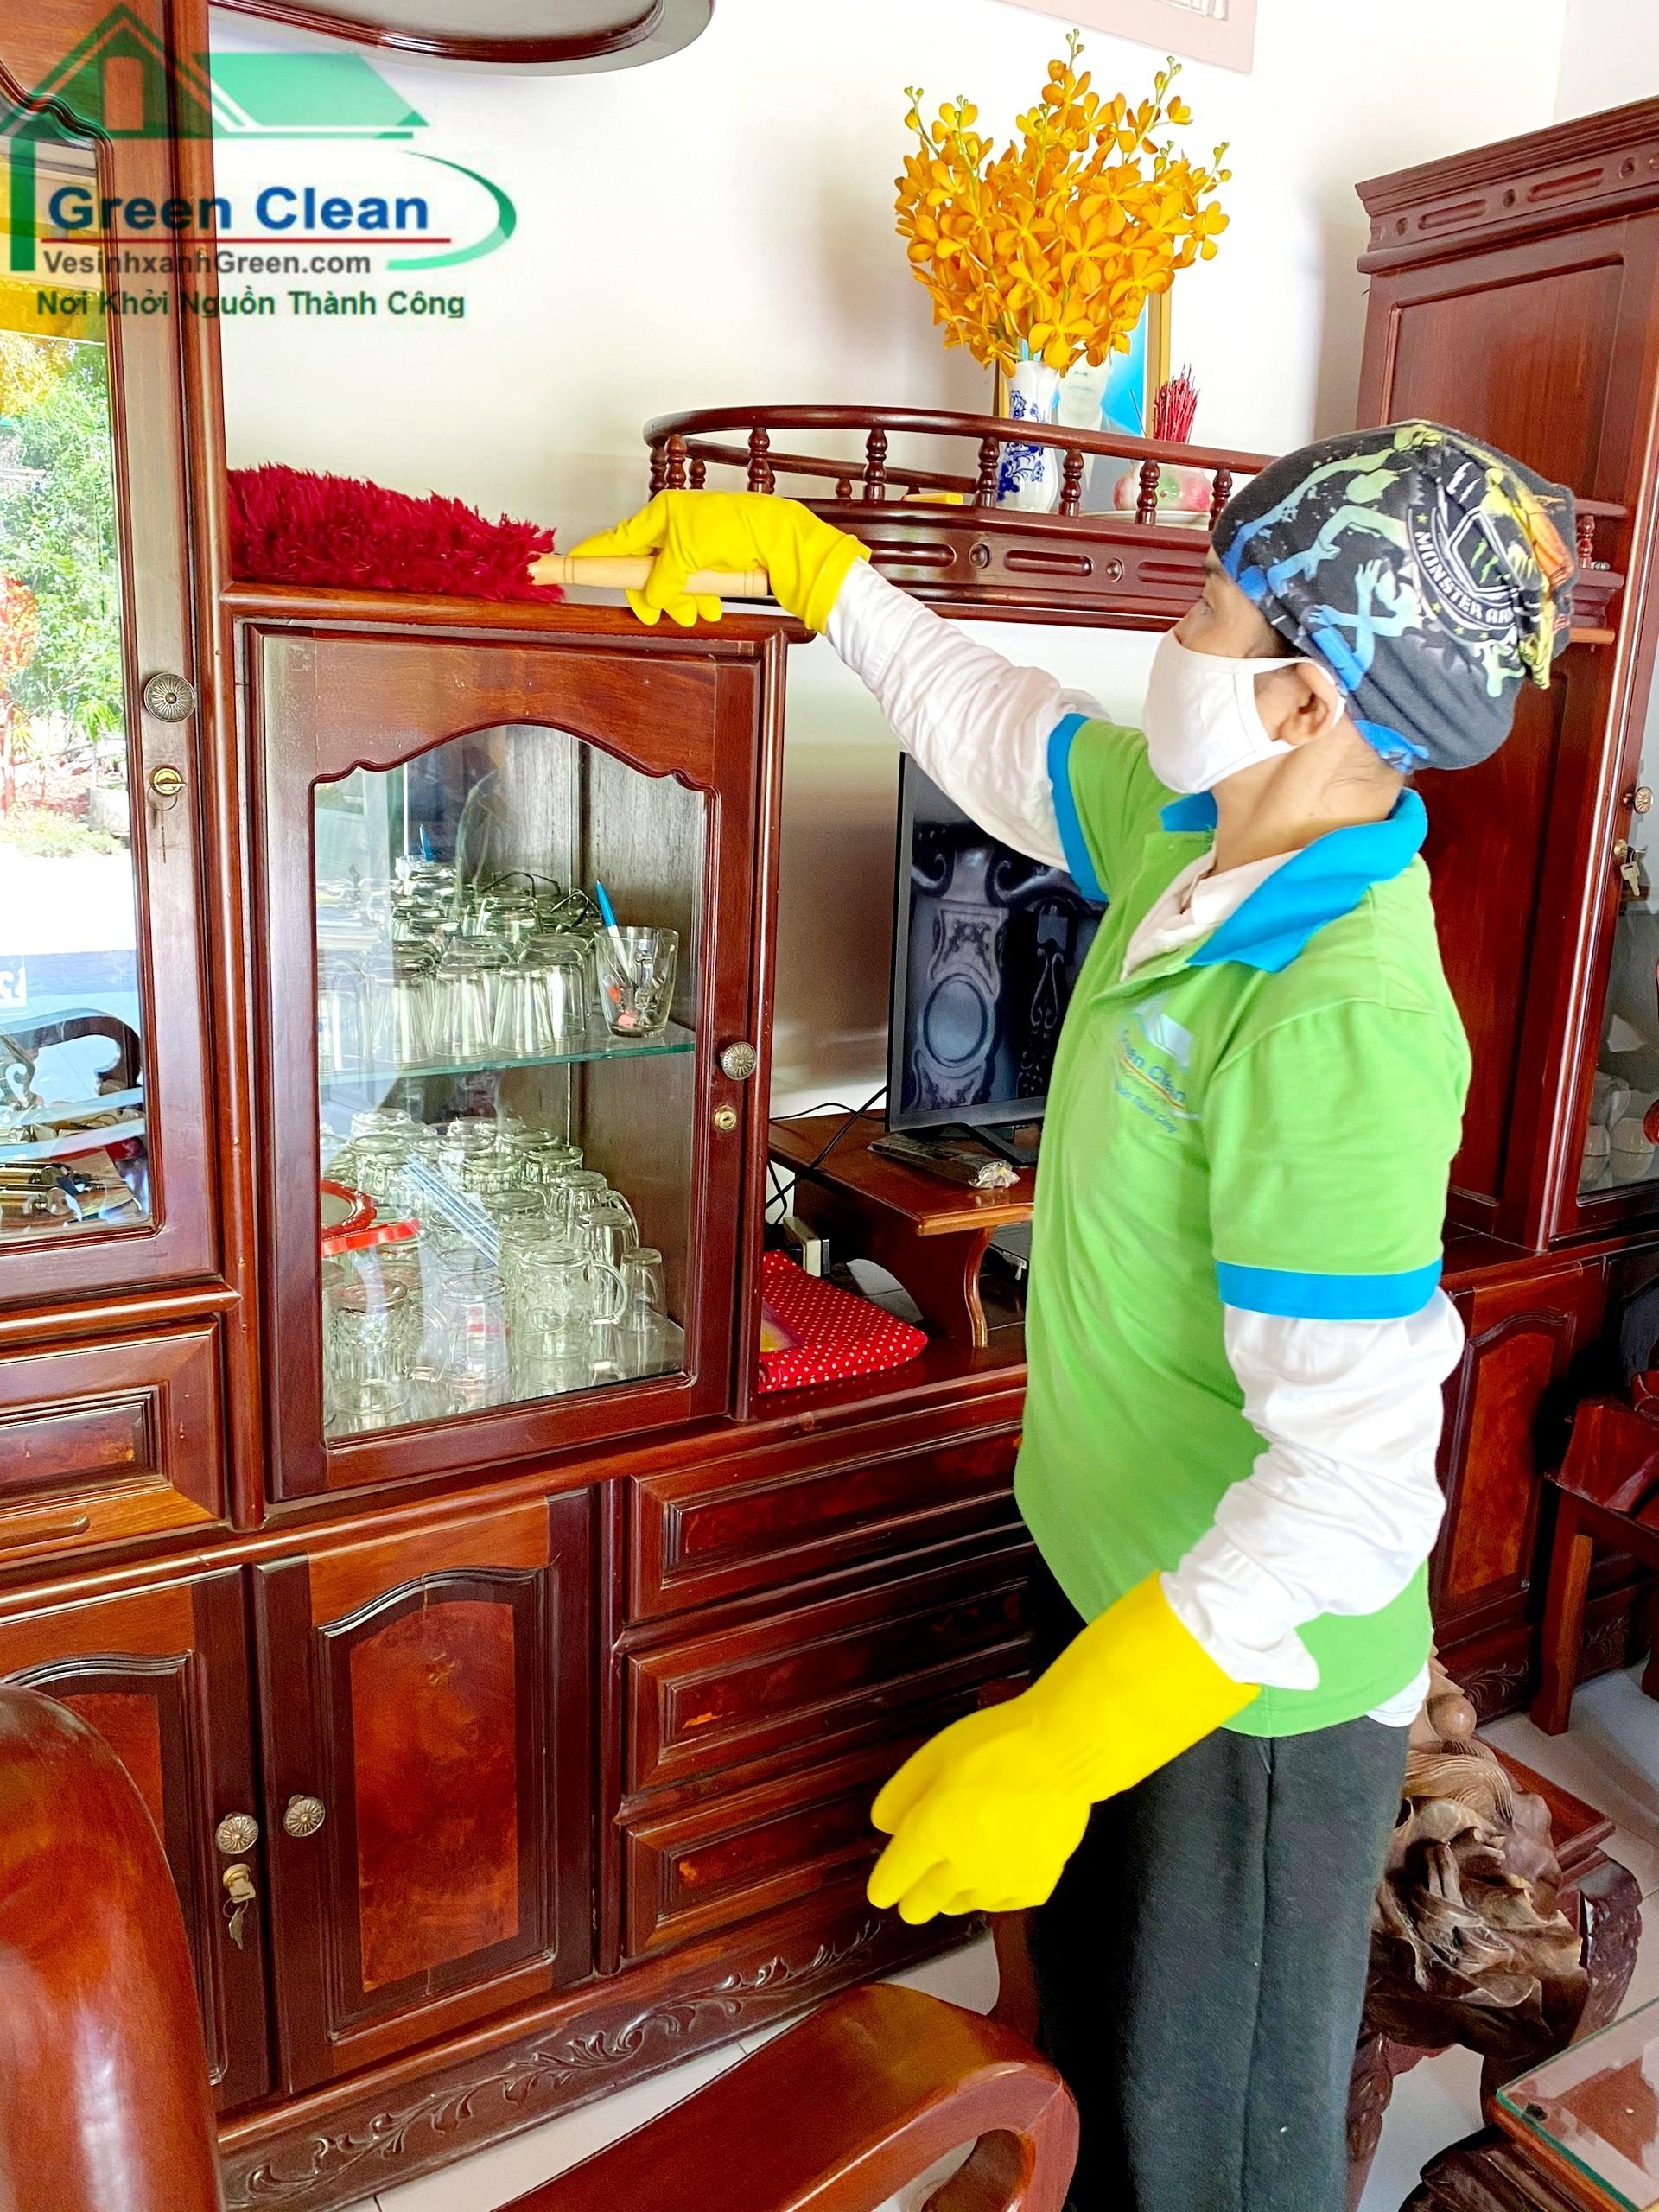 Dịch vụ thuê người giúp việc theo giờ đảm bảo nhất